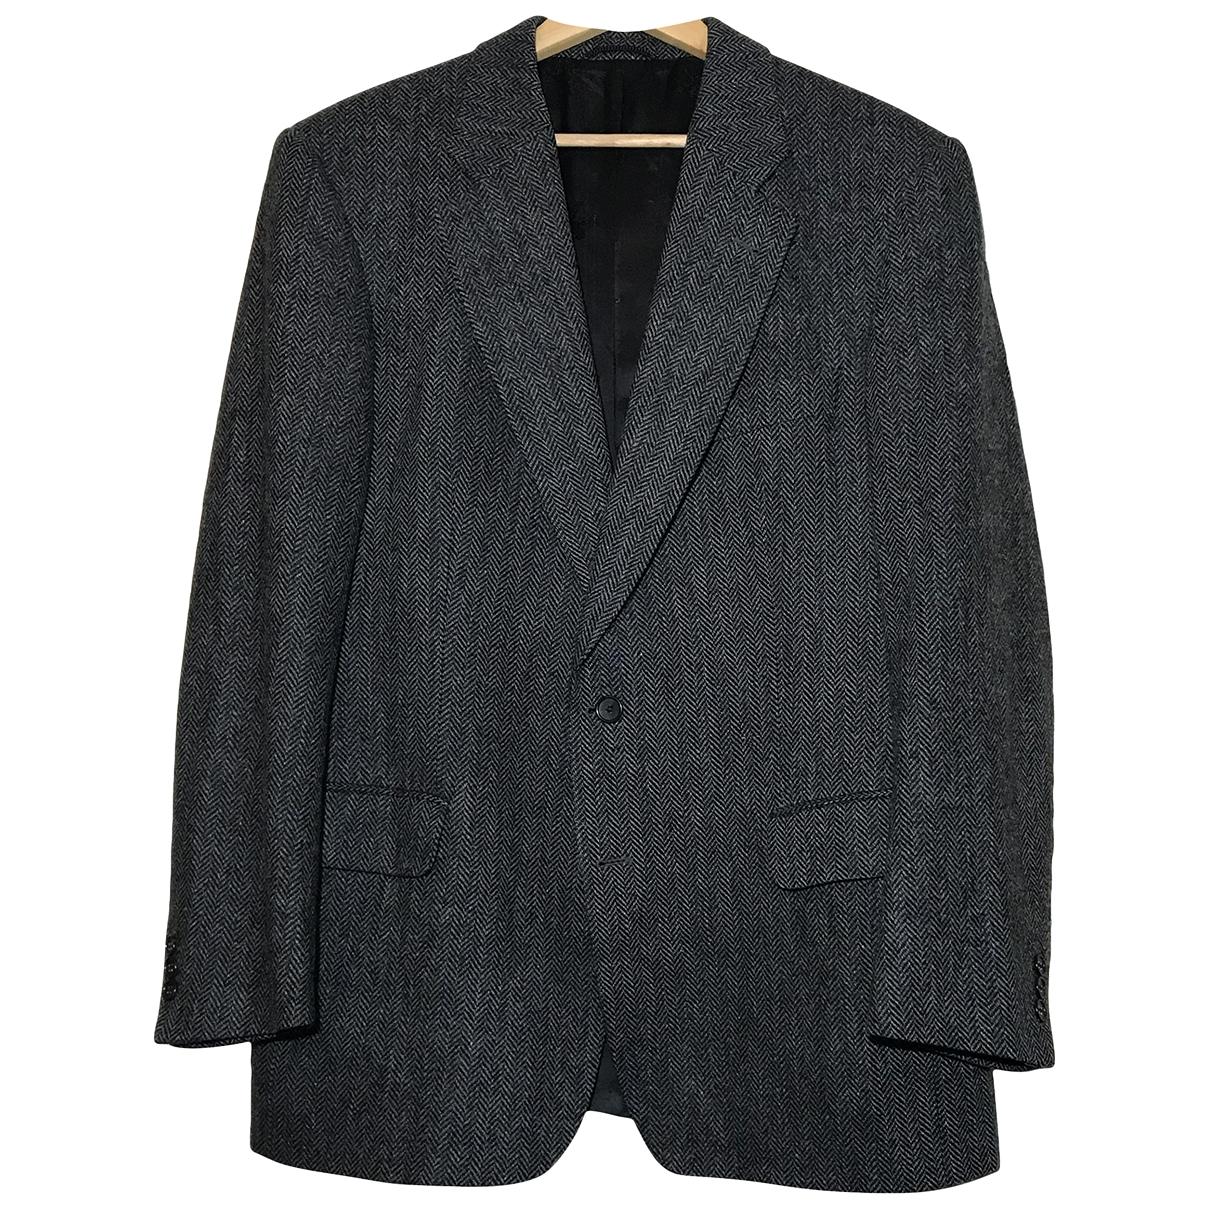 Burberry - Vestes.Blousons   pour homme en laine